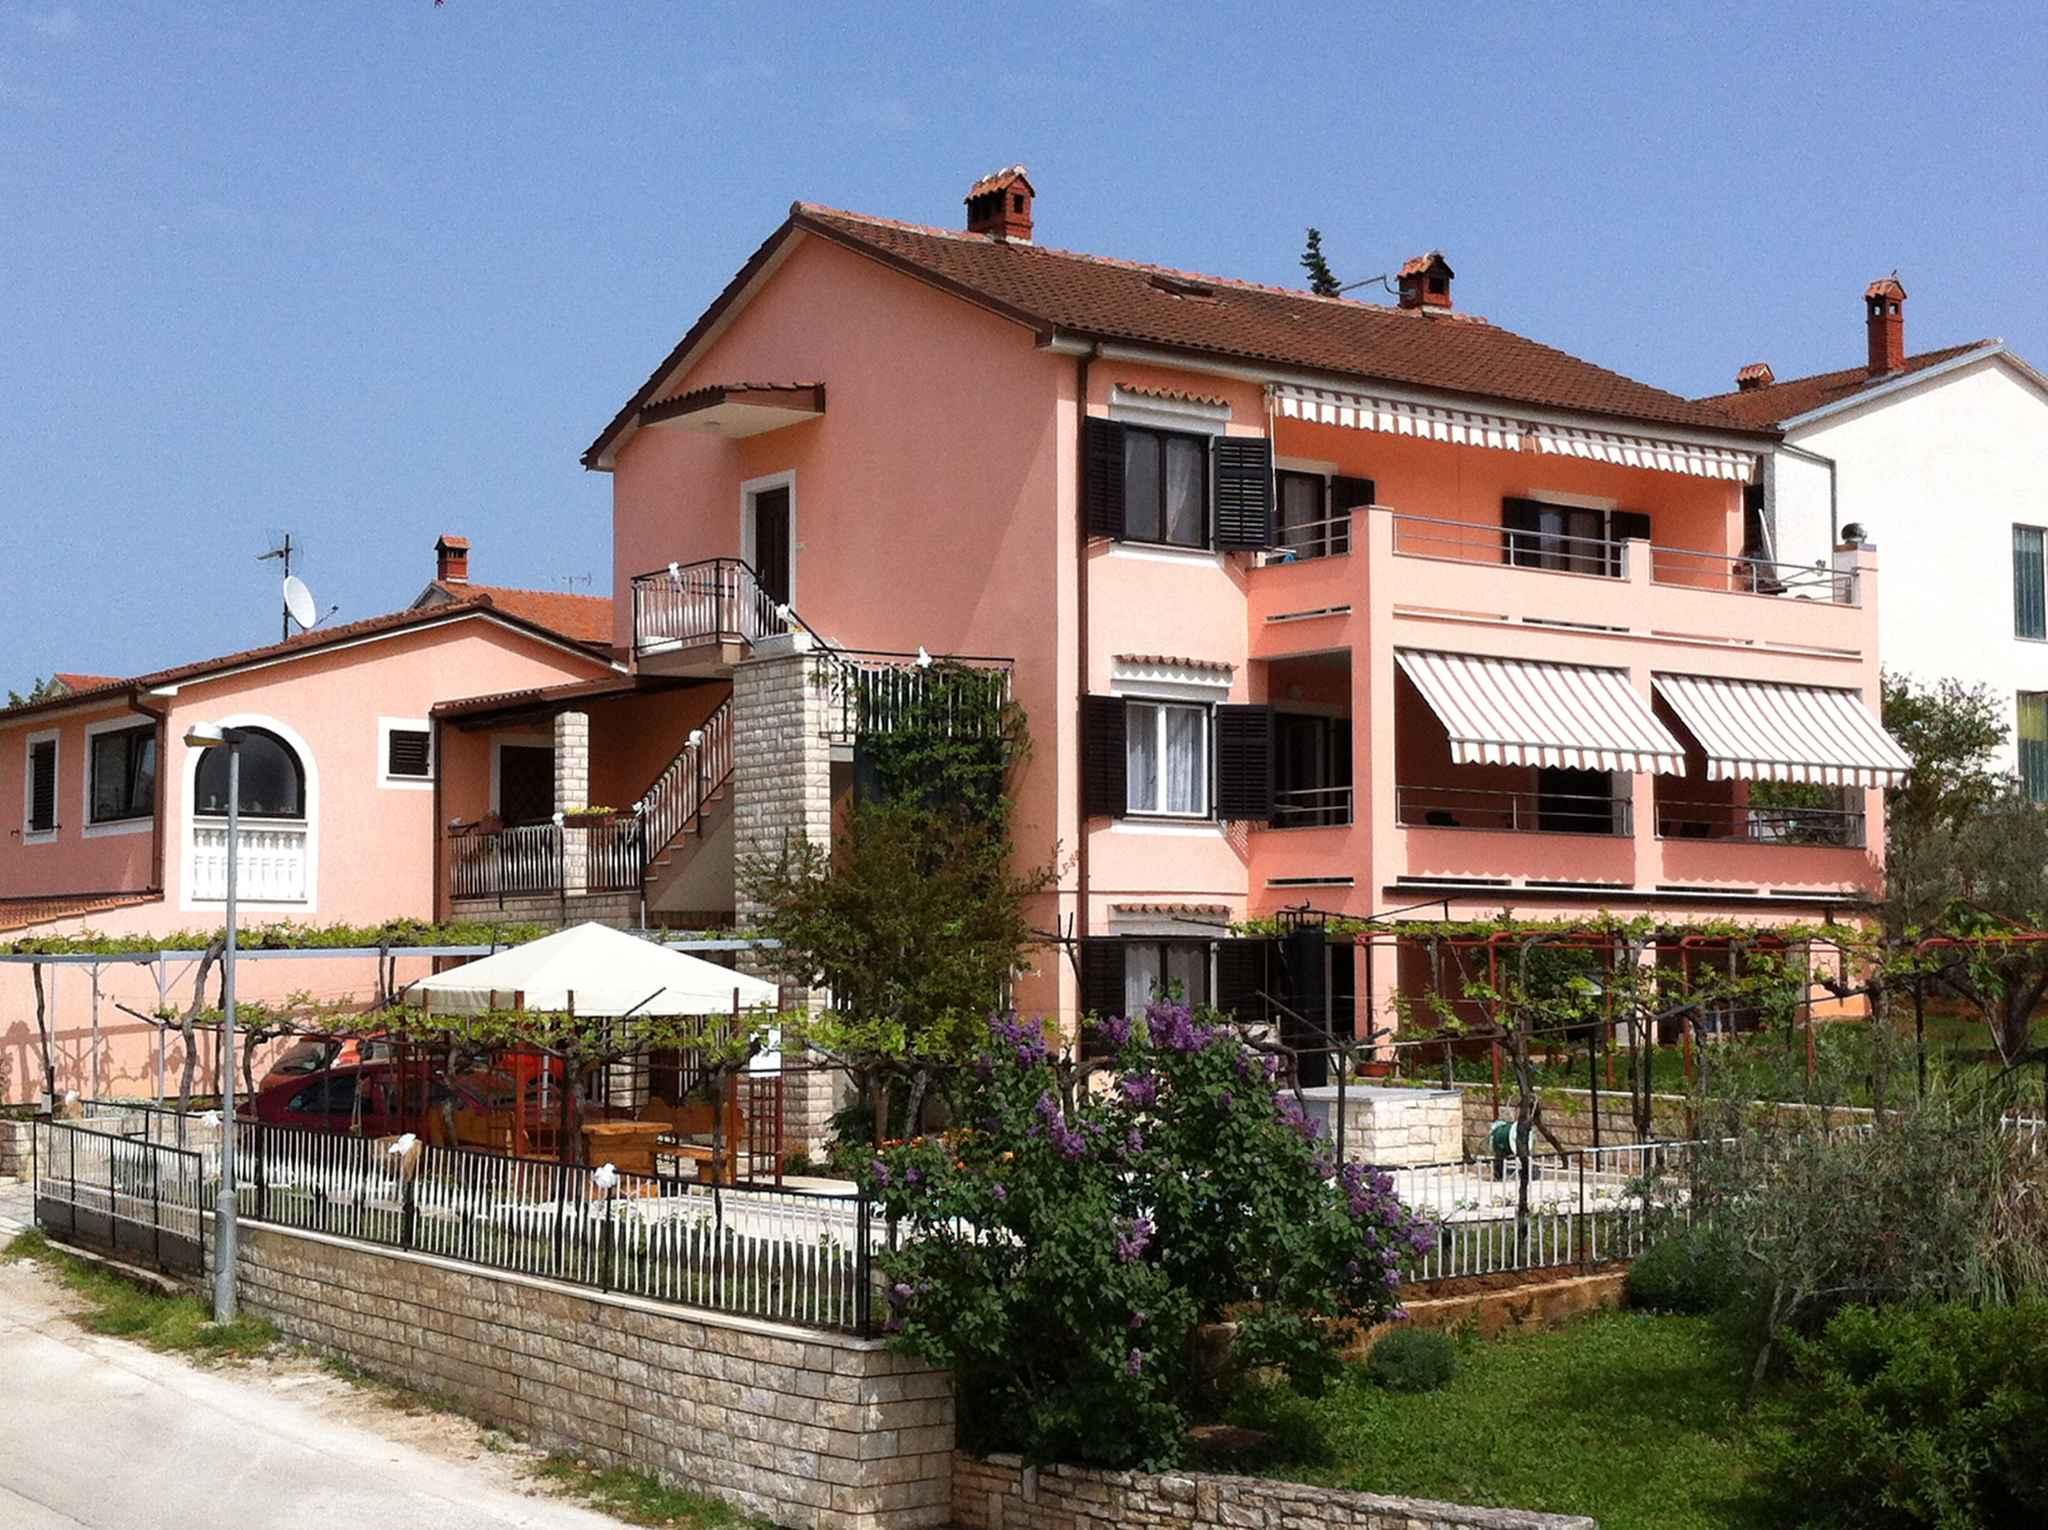 Ferienwohnung mit Pool und Grill (280662), Pula, , Istrien, Kroatien, Bild 2